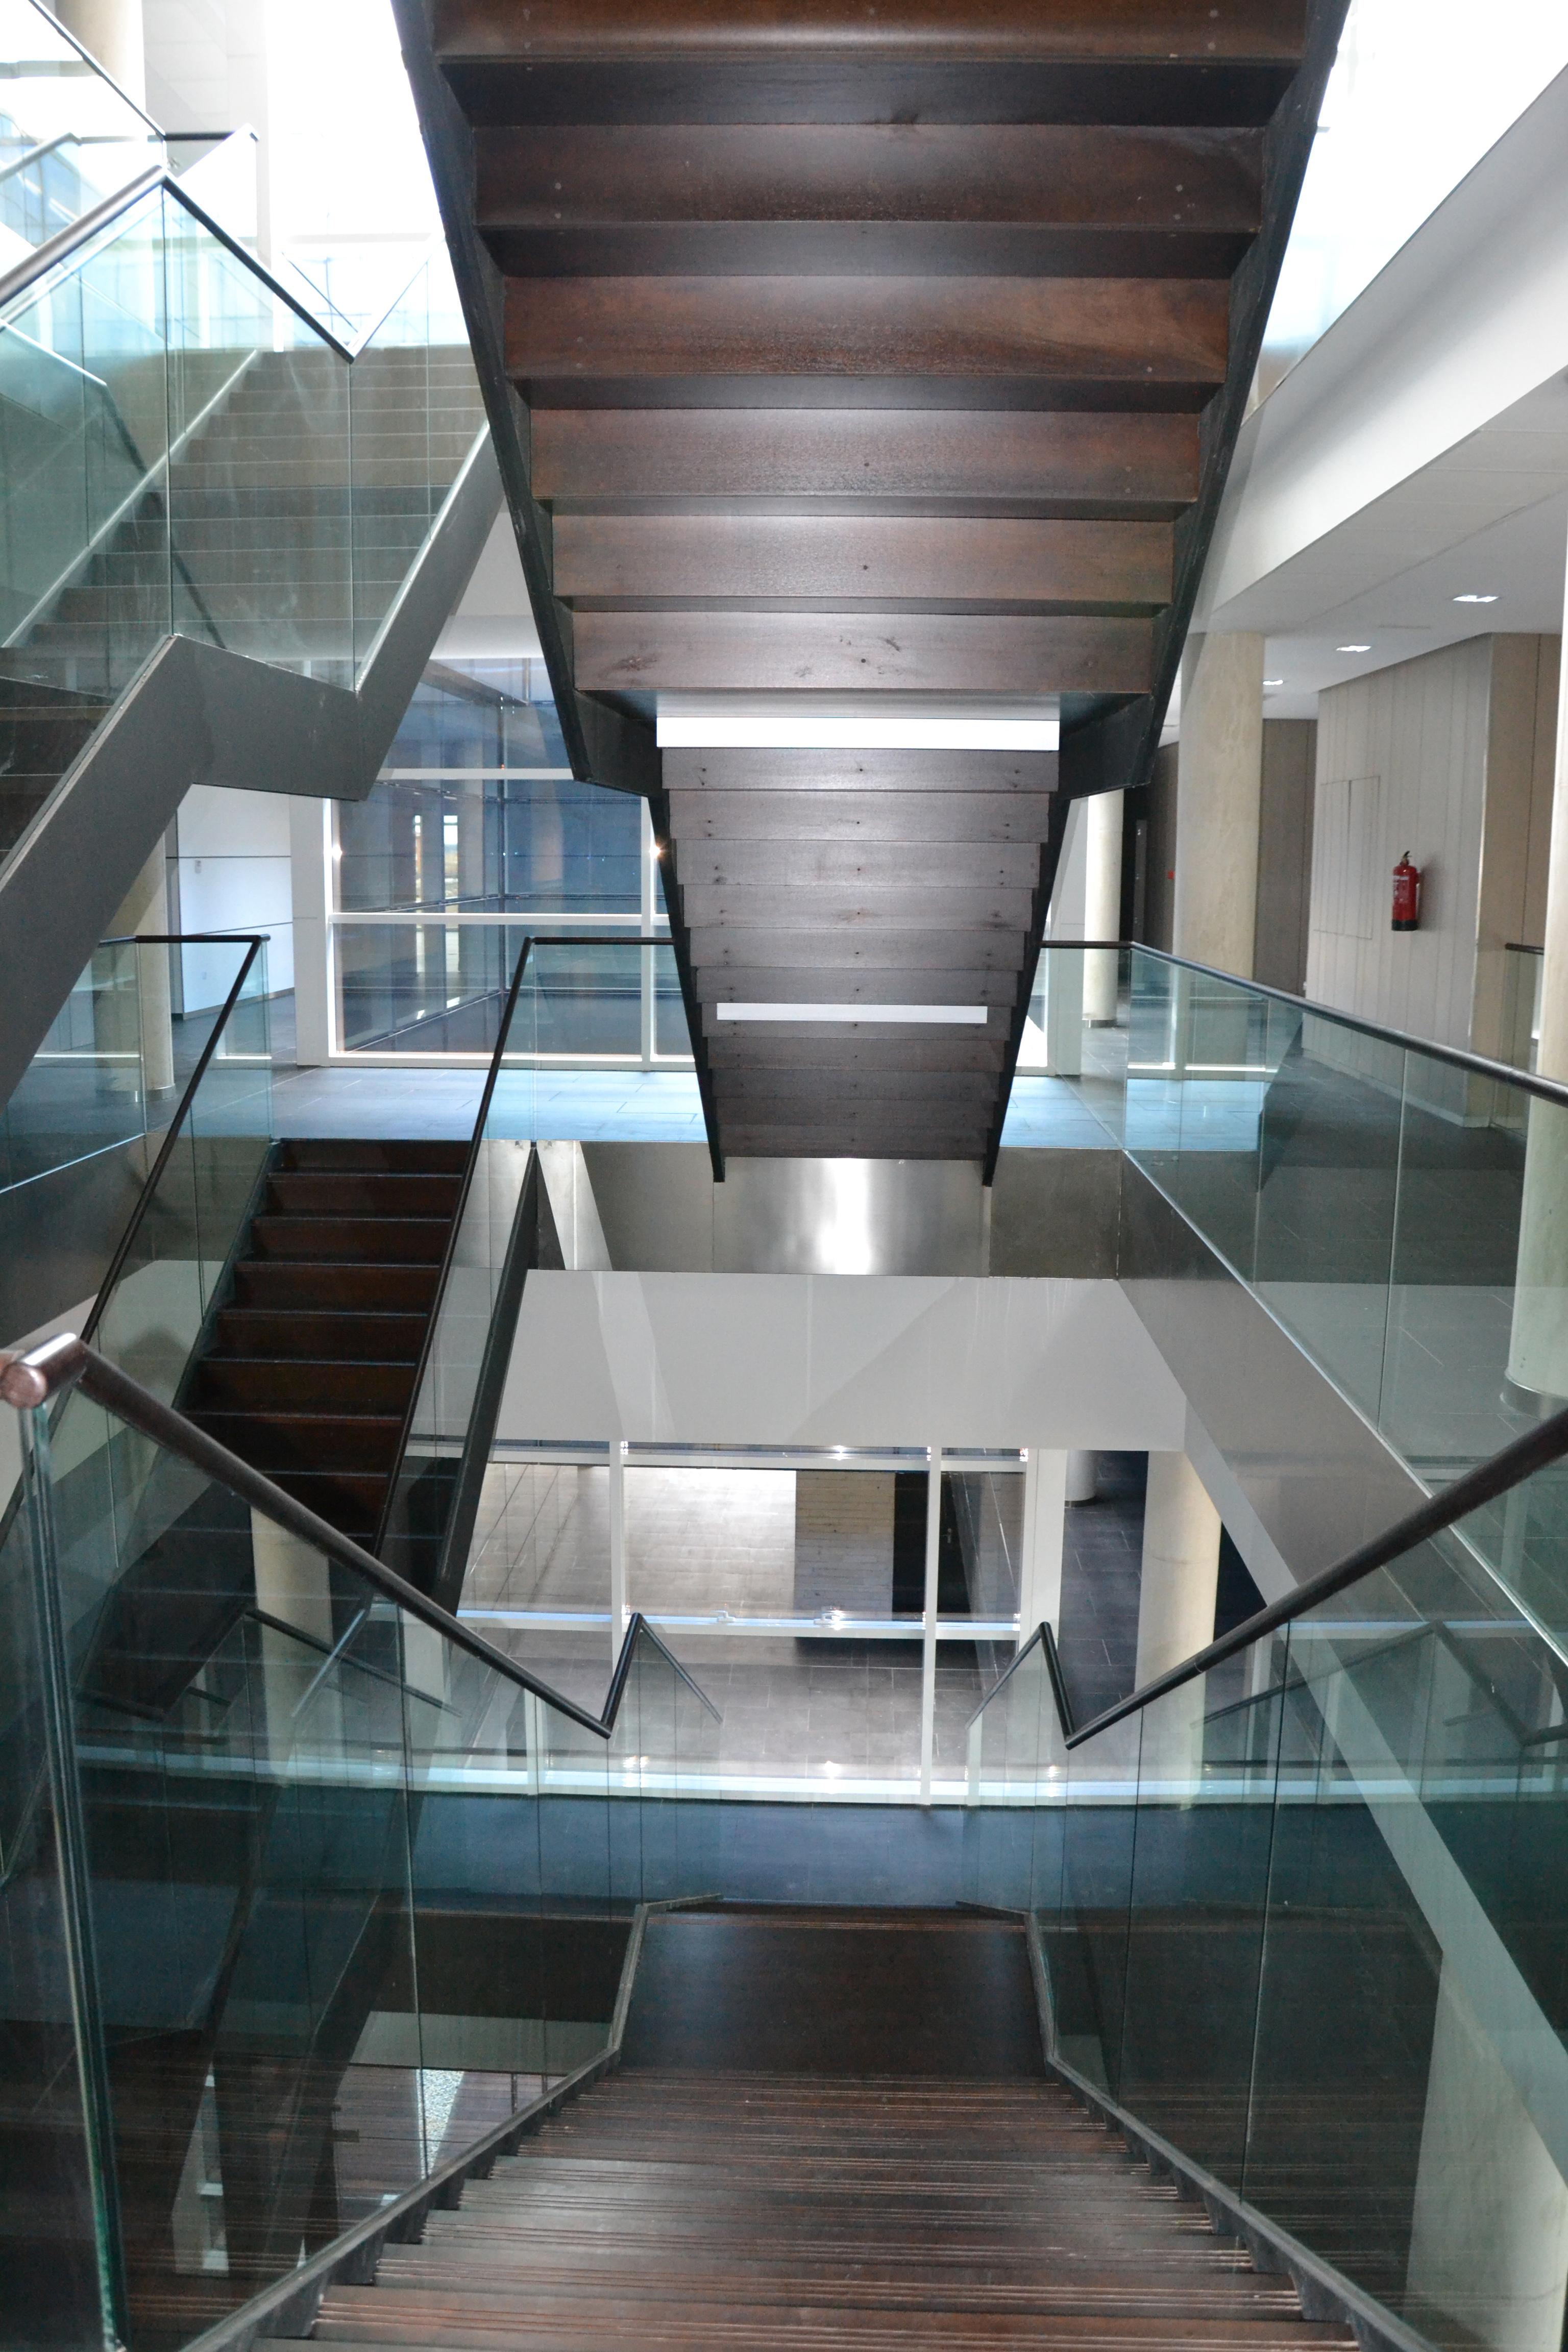 El Centro de Láseres Pulsados Ultracortos Ultraintensos se instalará en el M3 del Parque Científico de la Universidad de Salamanca